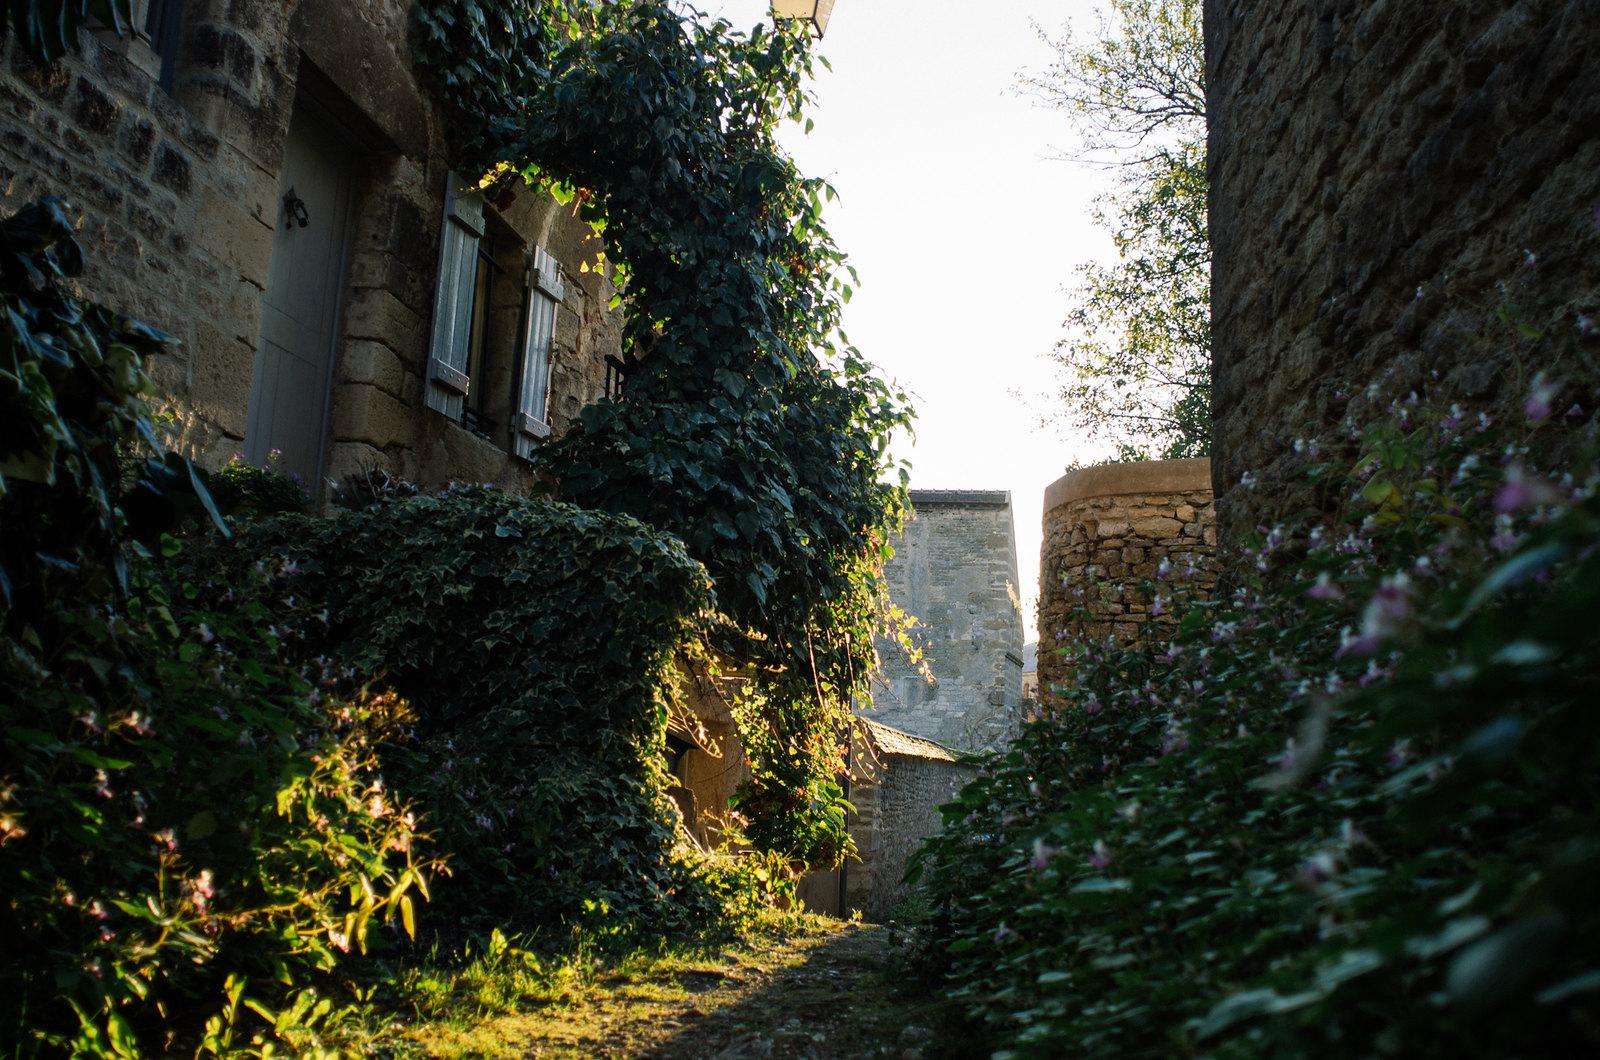 Vézelay, mystique et ésotérique - Dans les ruelles pavées du village médiéval